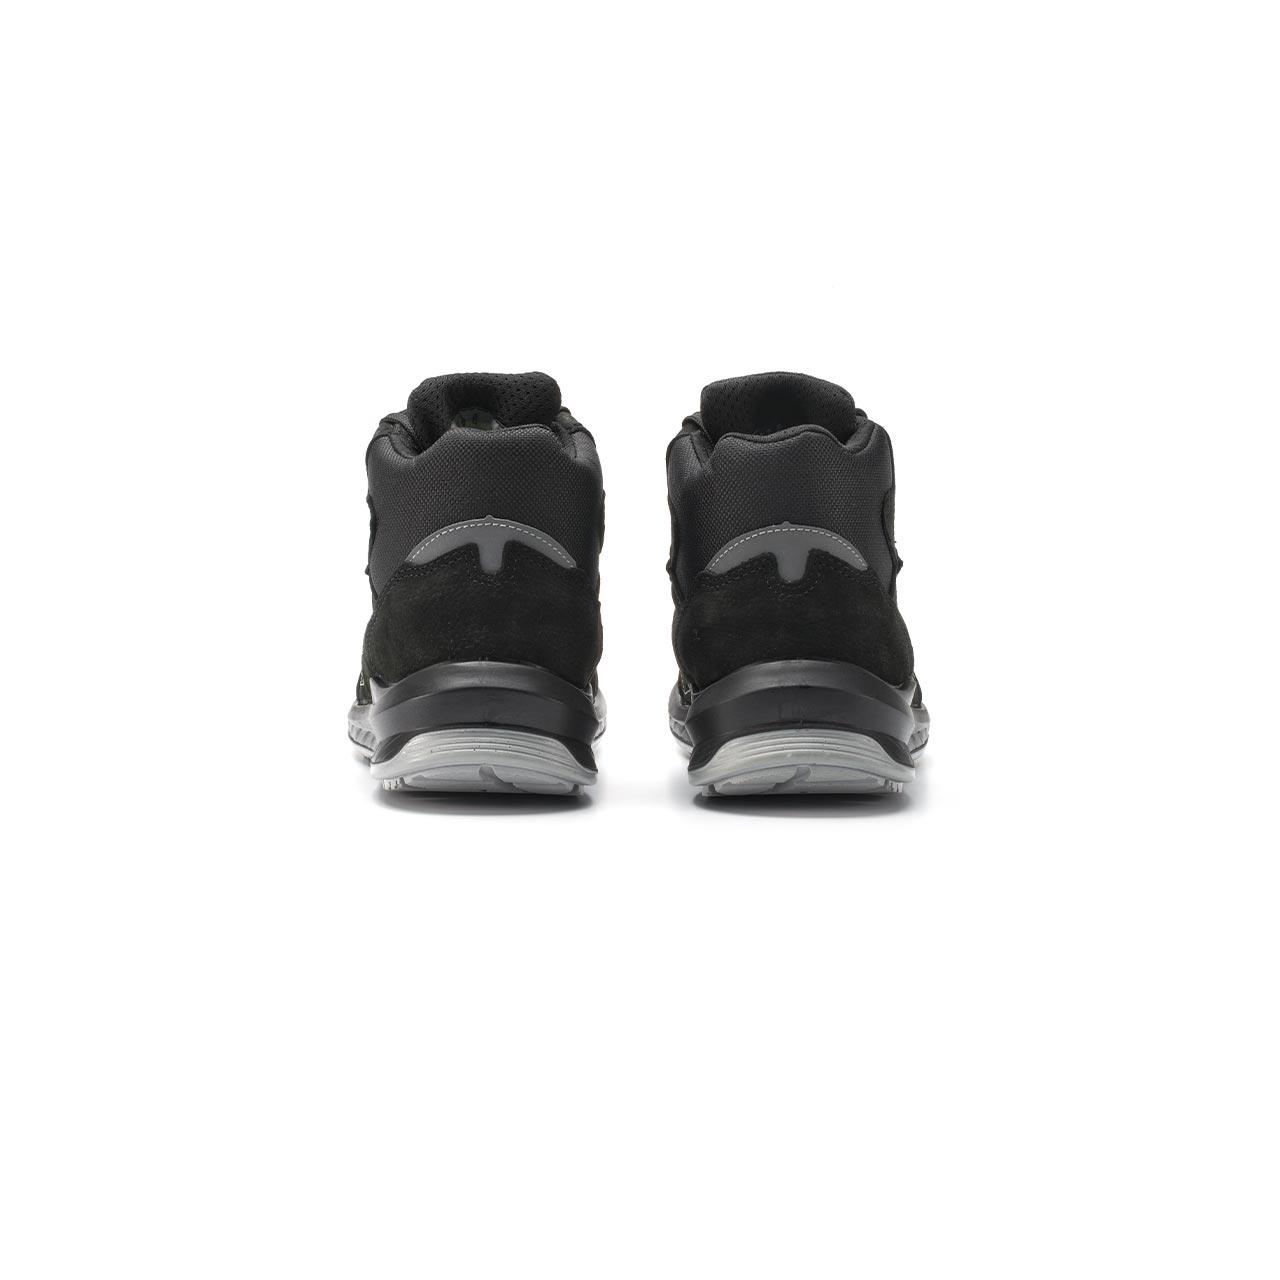 paio di scarpe antinfortunistiche alte upower modello tweed linea redindustry vista retro